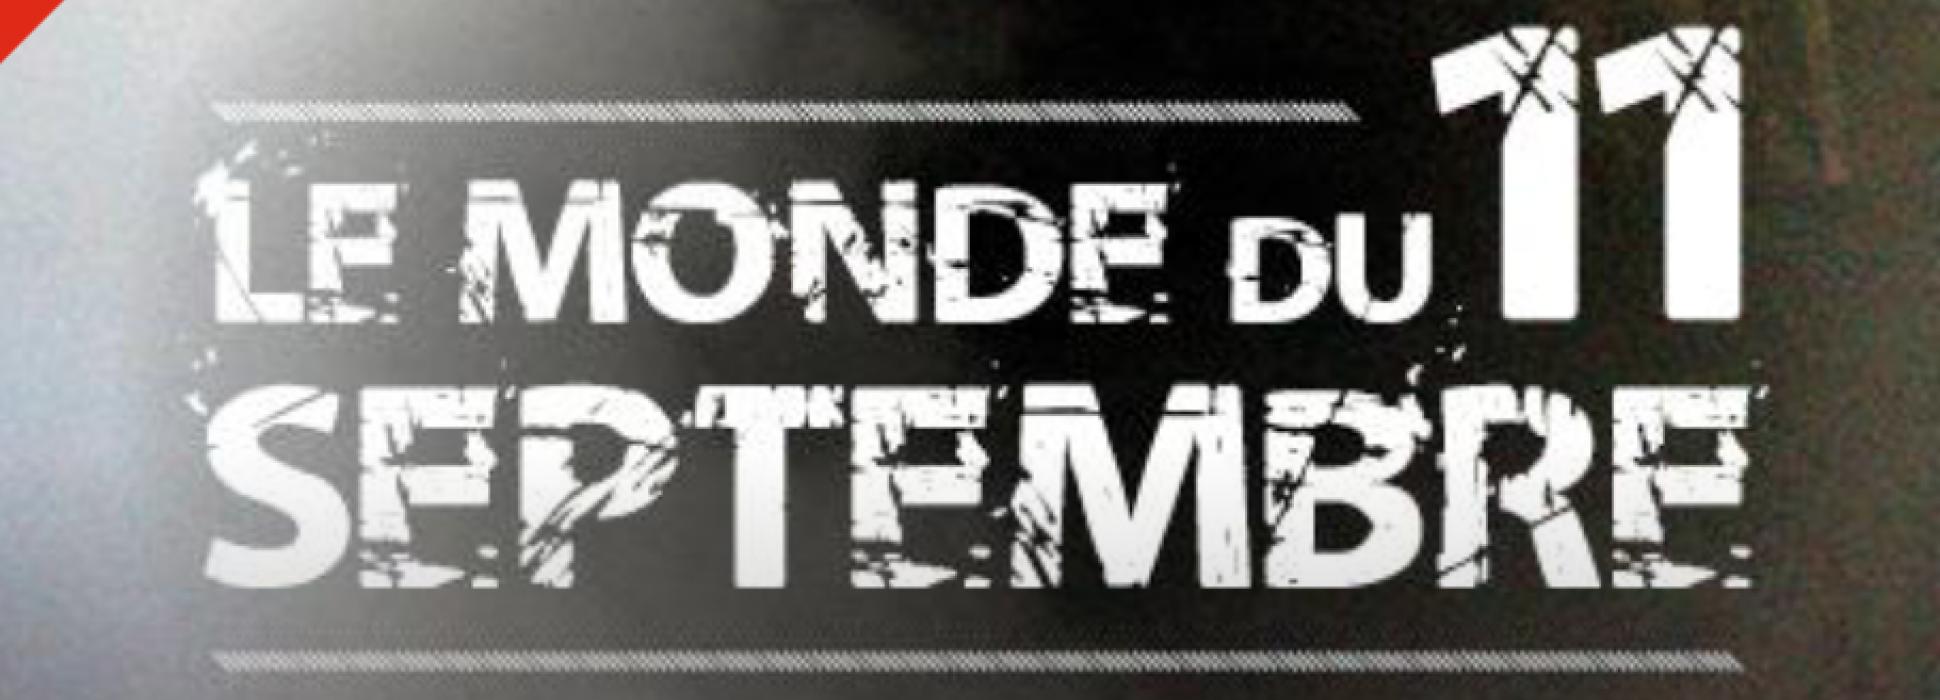 La ville de Caen organise deux expositions pour commémorer les 20 ans du 11 septembre 2001